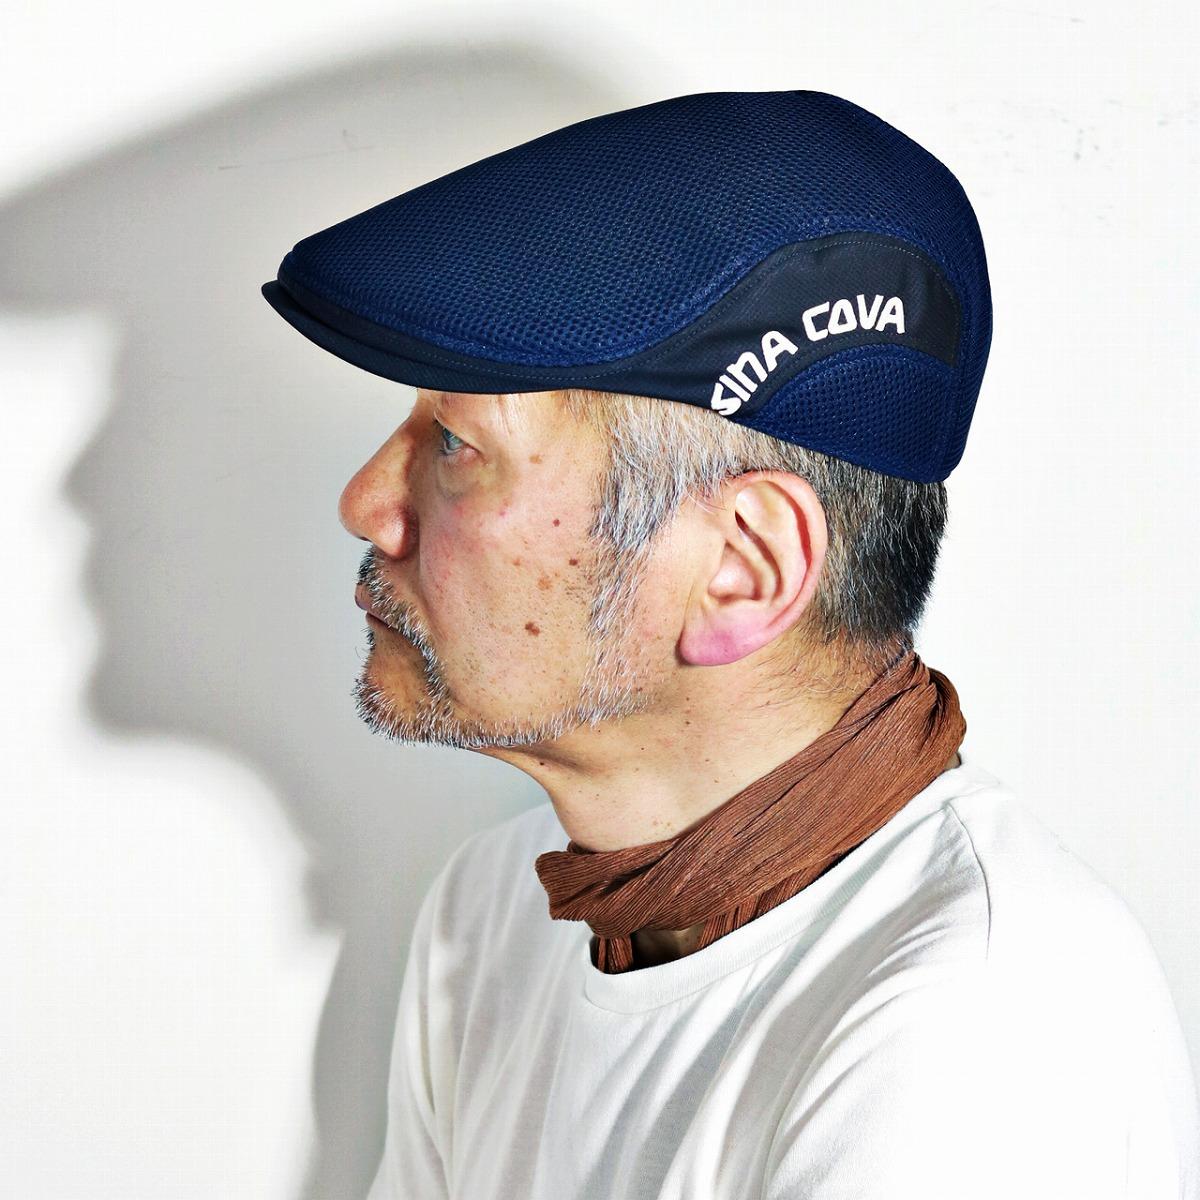 暑がりさんへ 水に濡らして使うこれまでにないハンチングが登場 ハンチング 水に濡らして使う メッシュ シナコバ 帽子 熱中症対策 ハンチング帽 紳士 大きいサイズ S M 最新号掲載アイテム L LL ベルオアシス ハンチング帽子 ivy 吸水 春夏 日本製 アウトドア SINACOVA コーデ 高品質 プレゼント 敬老の日 紺 ギフト スポーツ ネイビー マリン ブランド cap